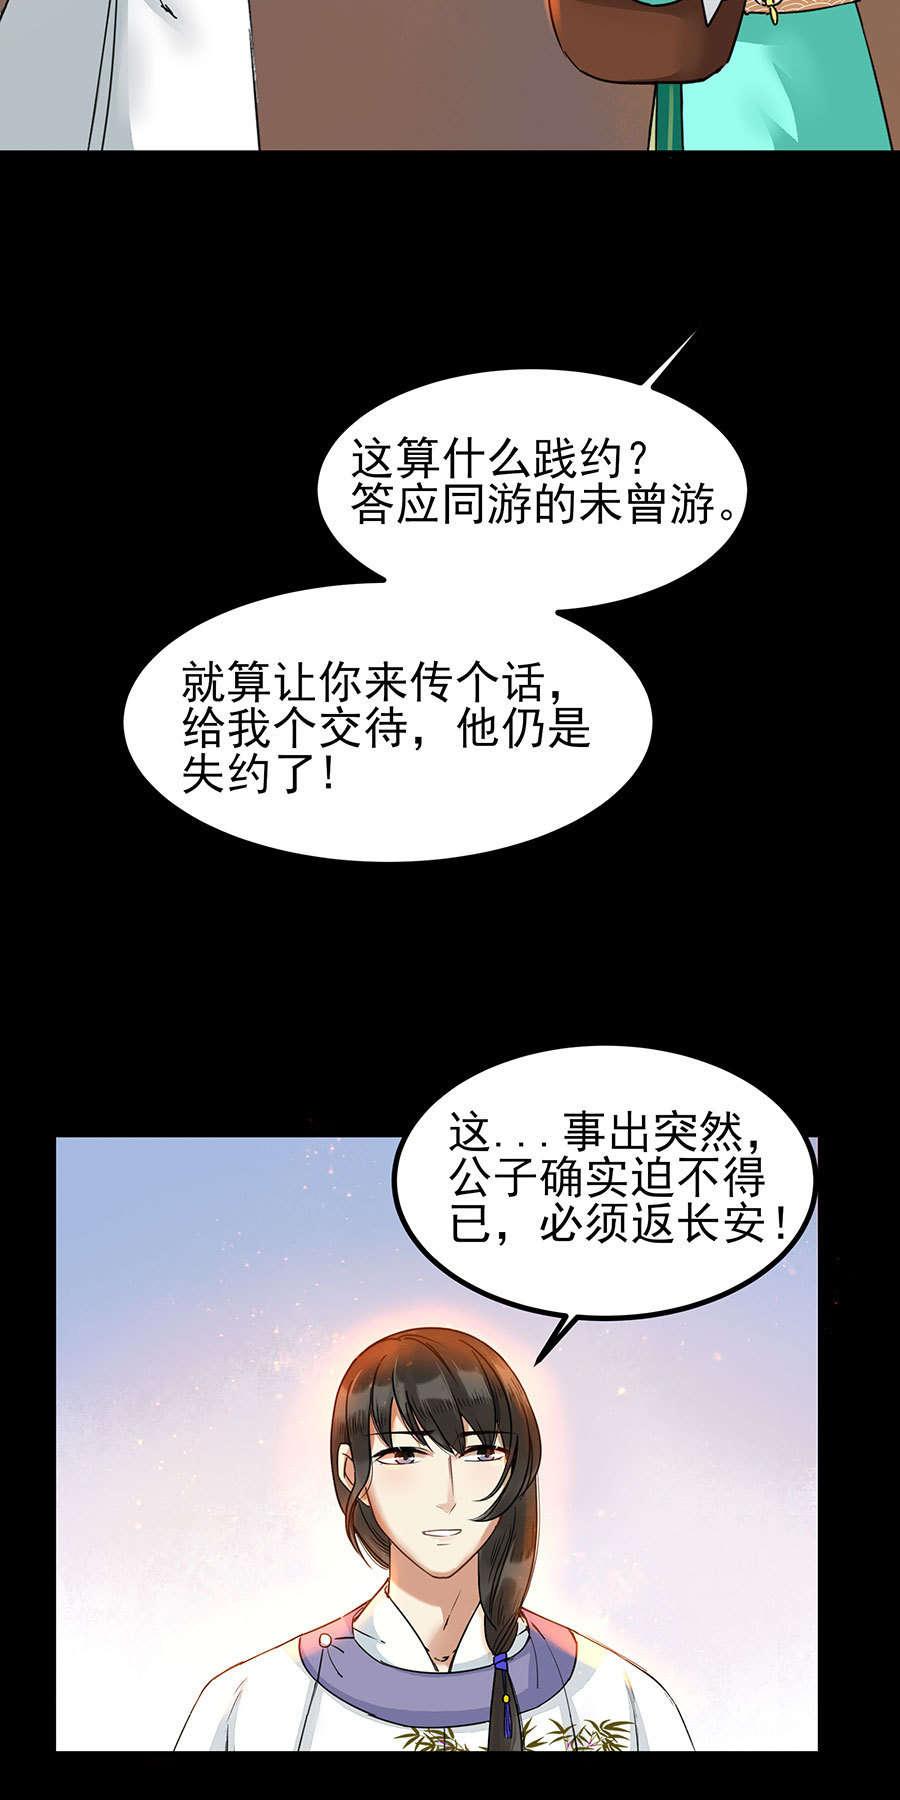 晚唐烟华第8话  失约(评论有礼) 第 9